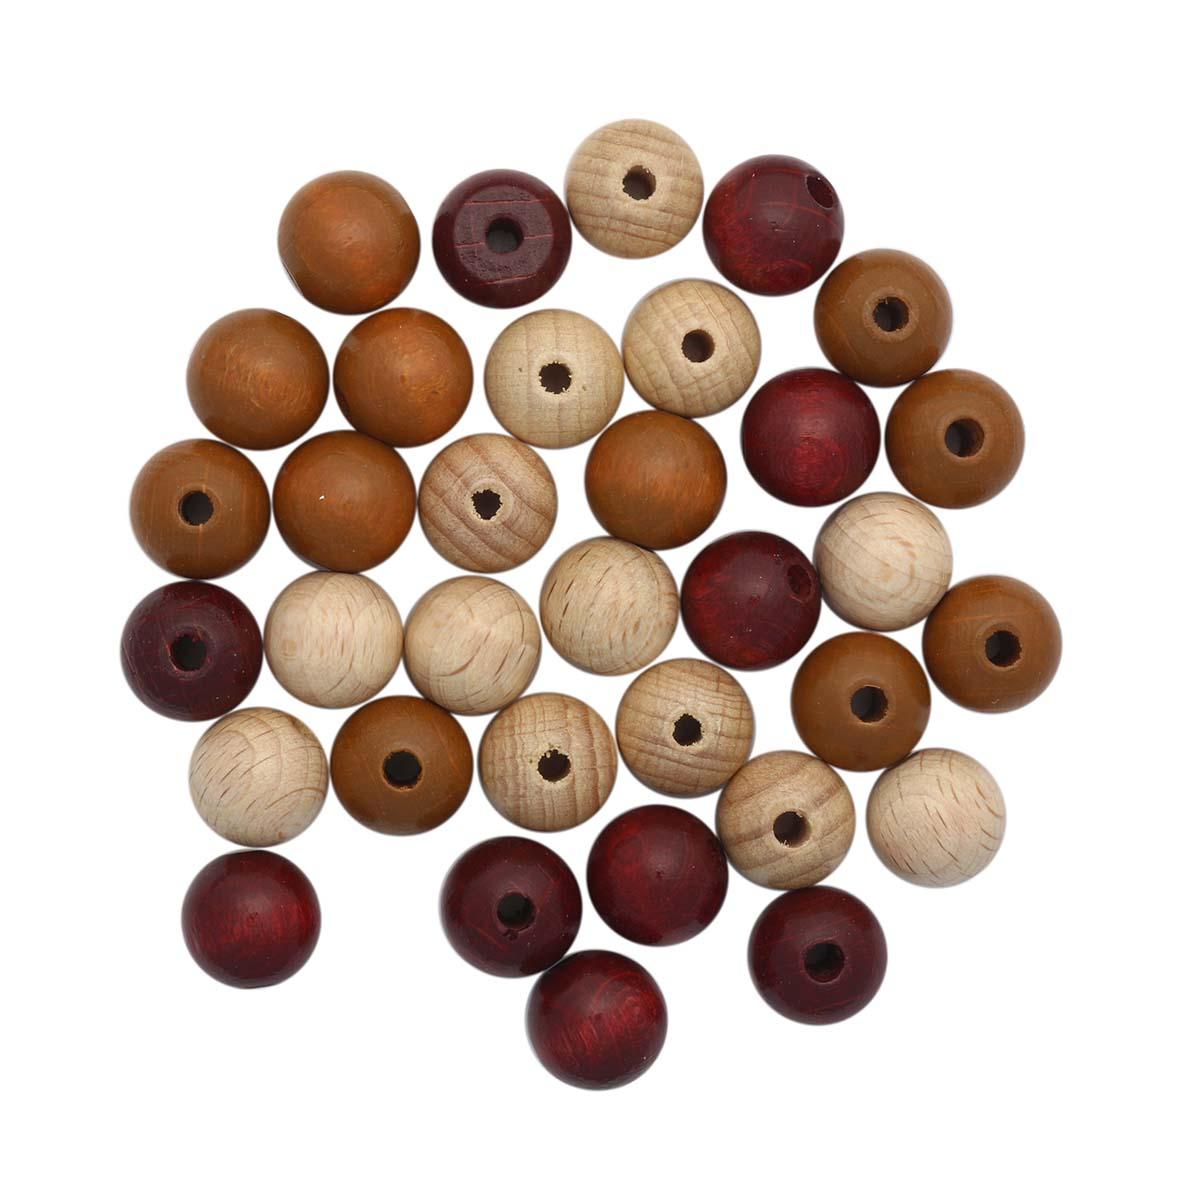 61655056 Бусины дерево, коричневый микс ,12 мм, упак./28 шт., Glorex